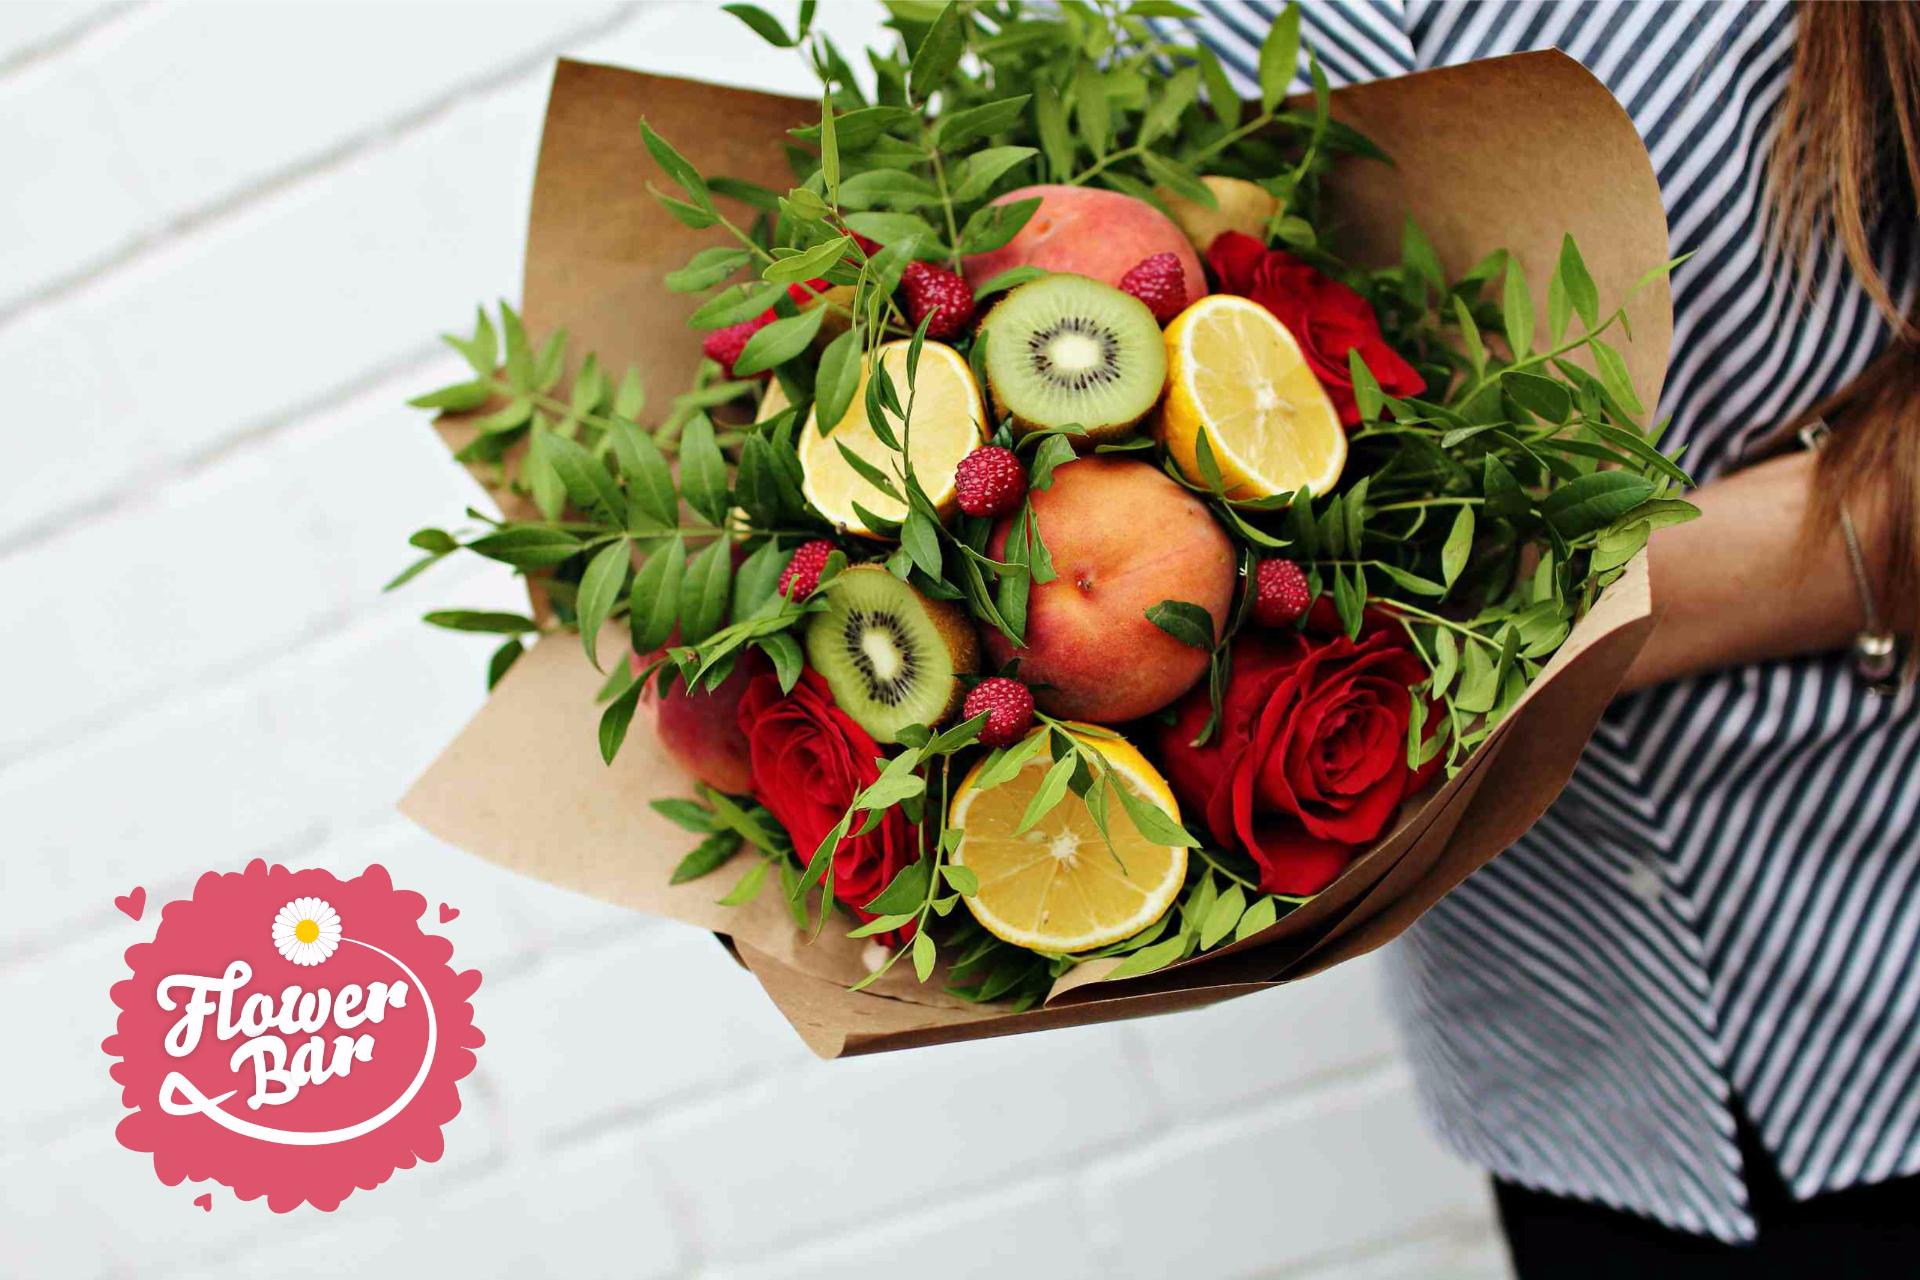 визитки для фруктовых букетов дизайн фото для прохождения кастинга